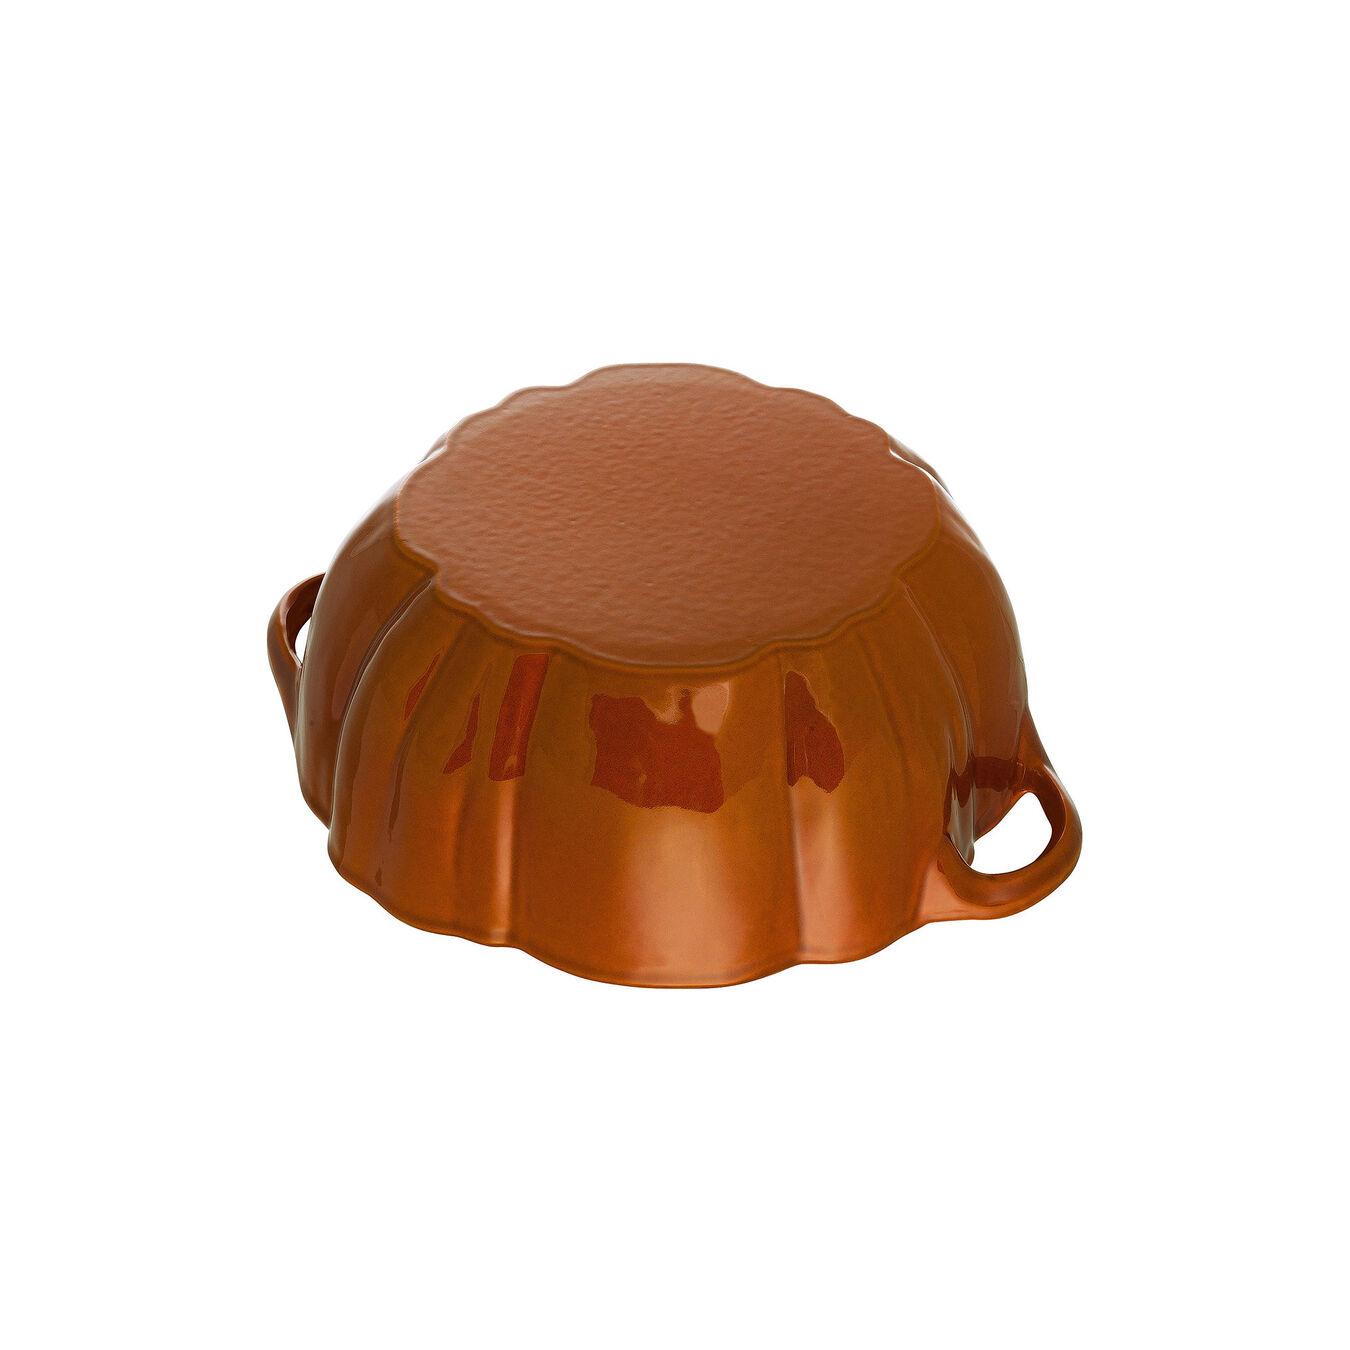 Cocotte 24 cm, Citrouille, Cannelle, Fonte,,large 5